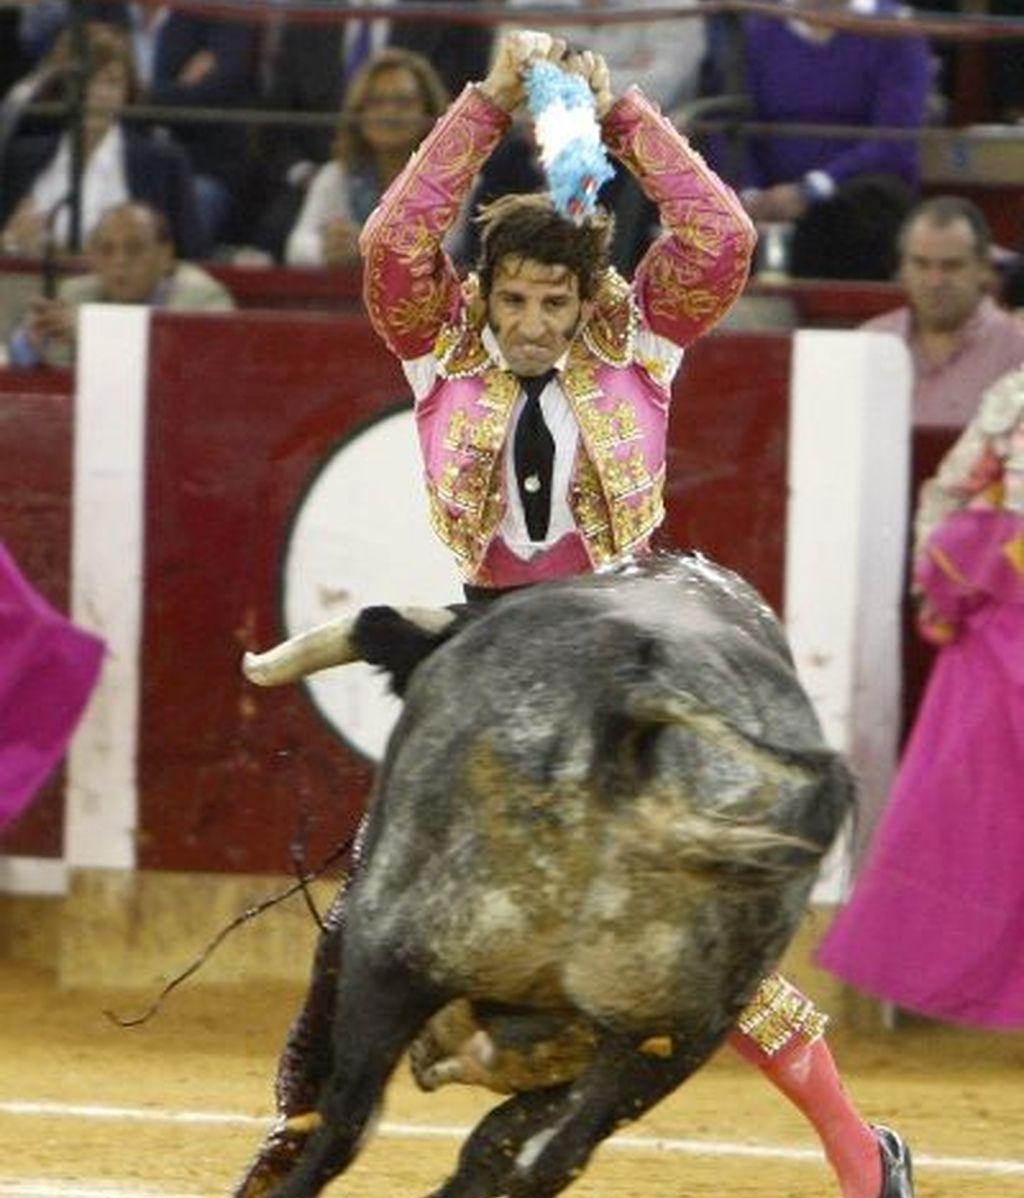 La gravísima cogida a Juan José Padilla, en imágenes